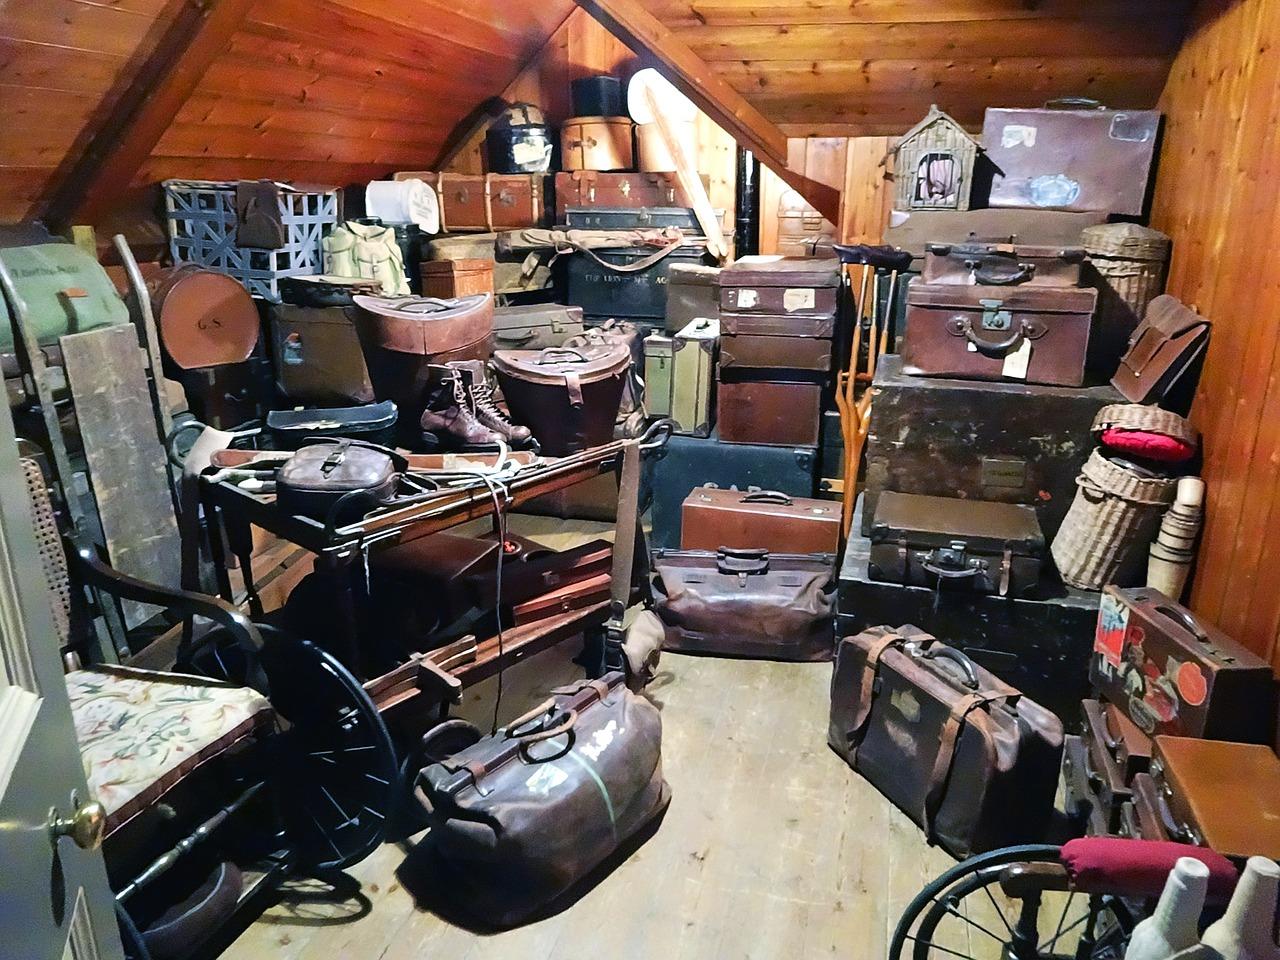 Niepotrzebne rzeczy w domu – jak sprawnie się ich pozbyć?